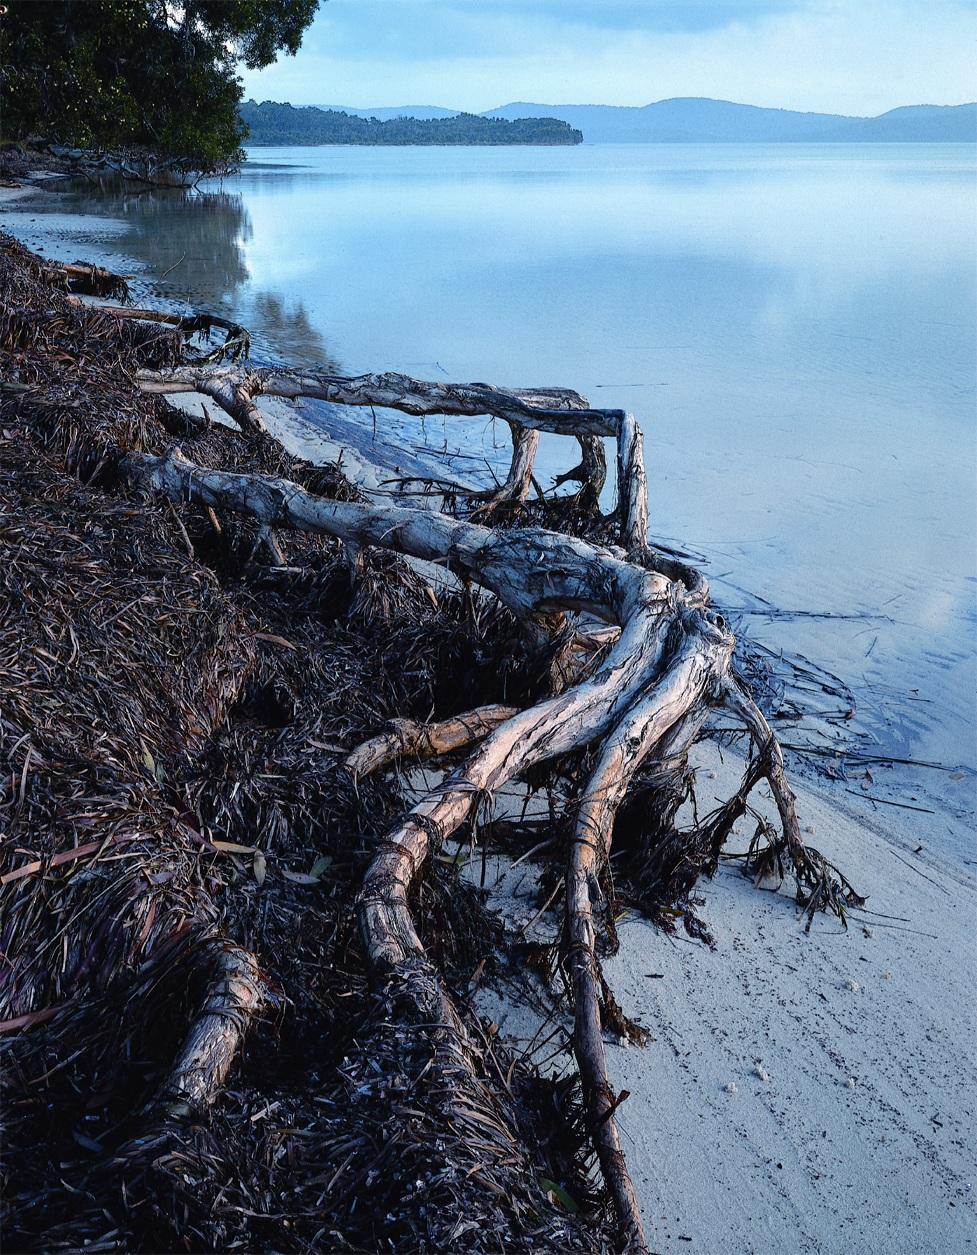 driftwood on lake shore.jpg